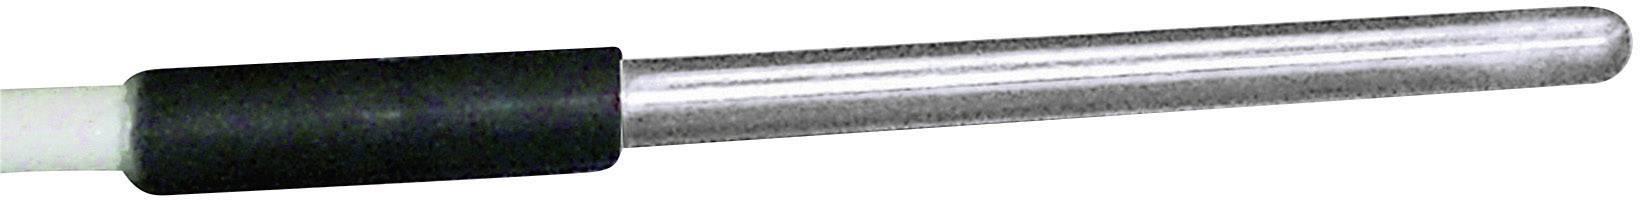 Teplotní čidlo Dostmann electronic Pt1000, -200 až+250 °C